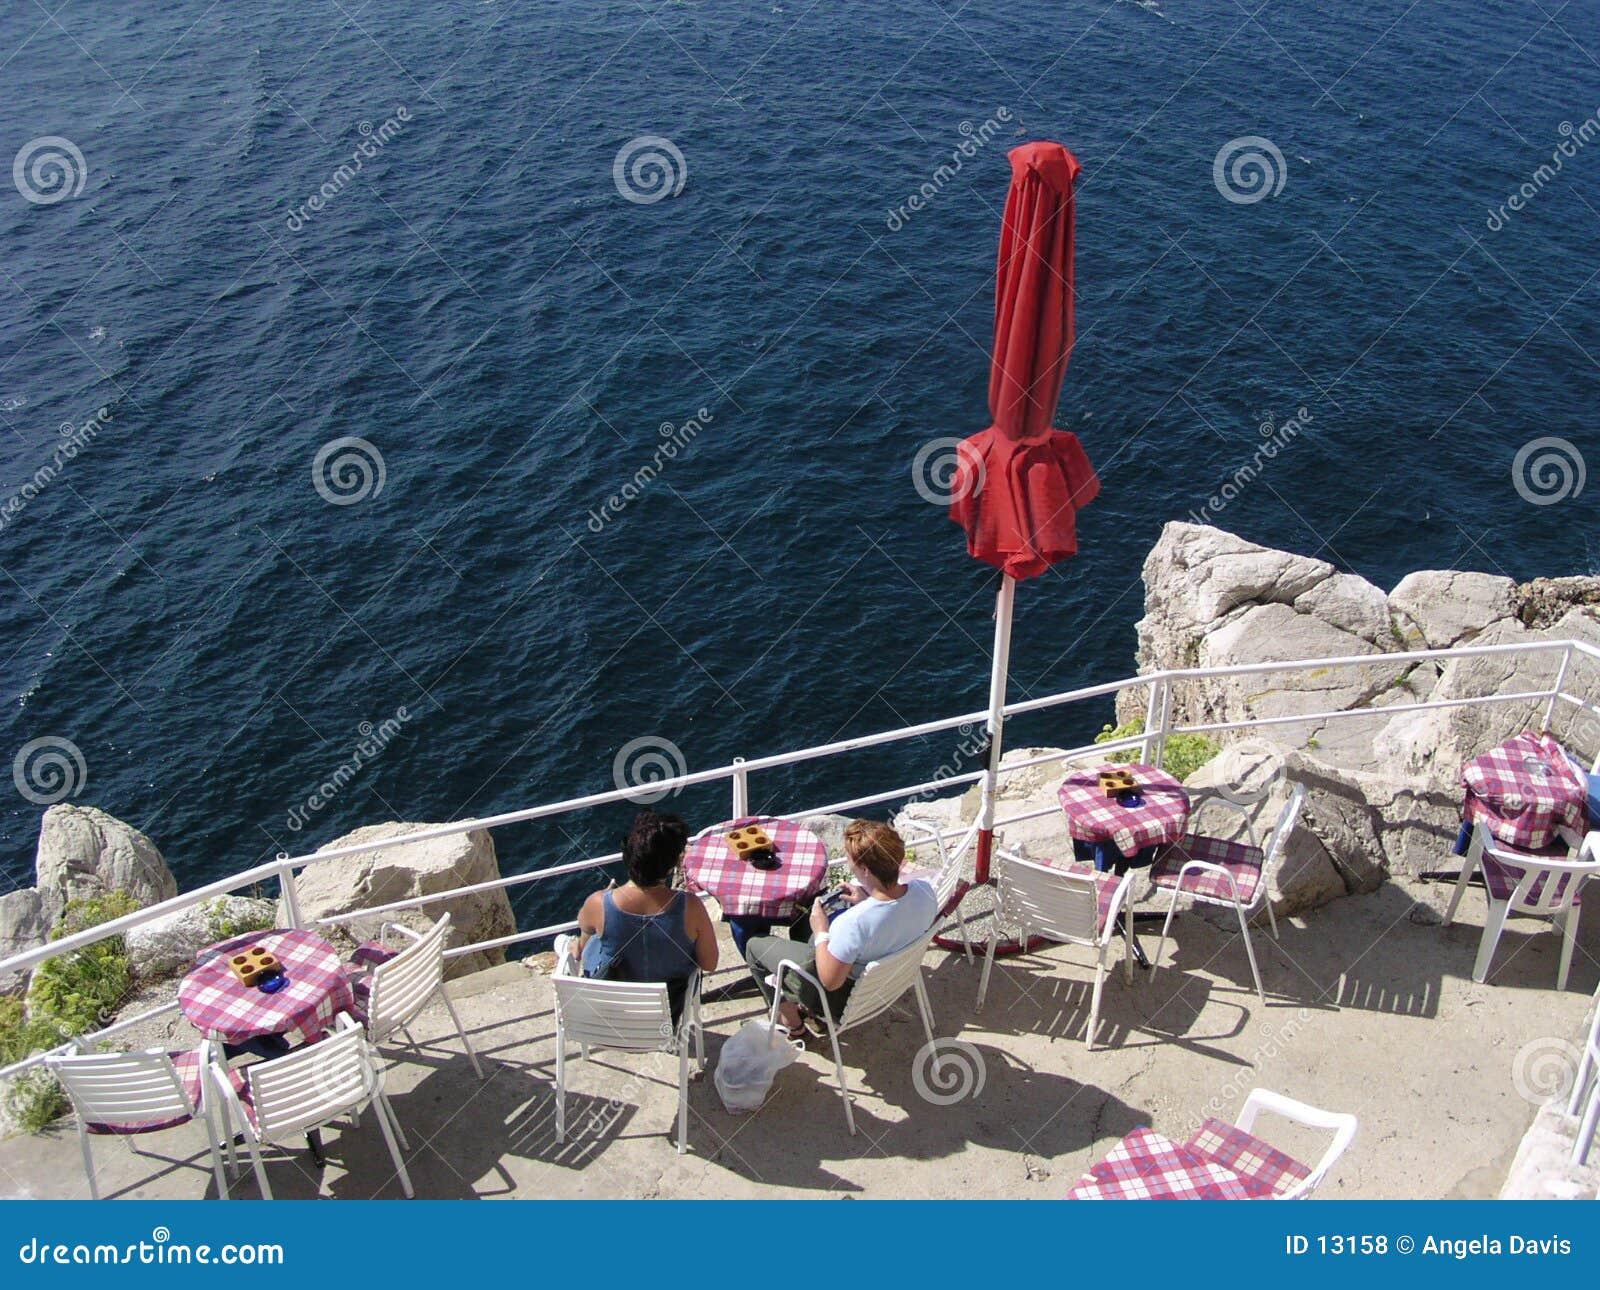 Cafe on the Edge (Croatia)